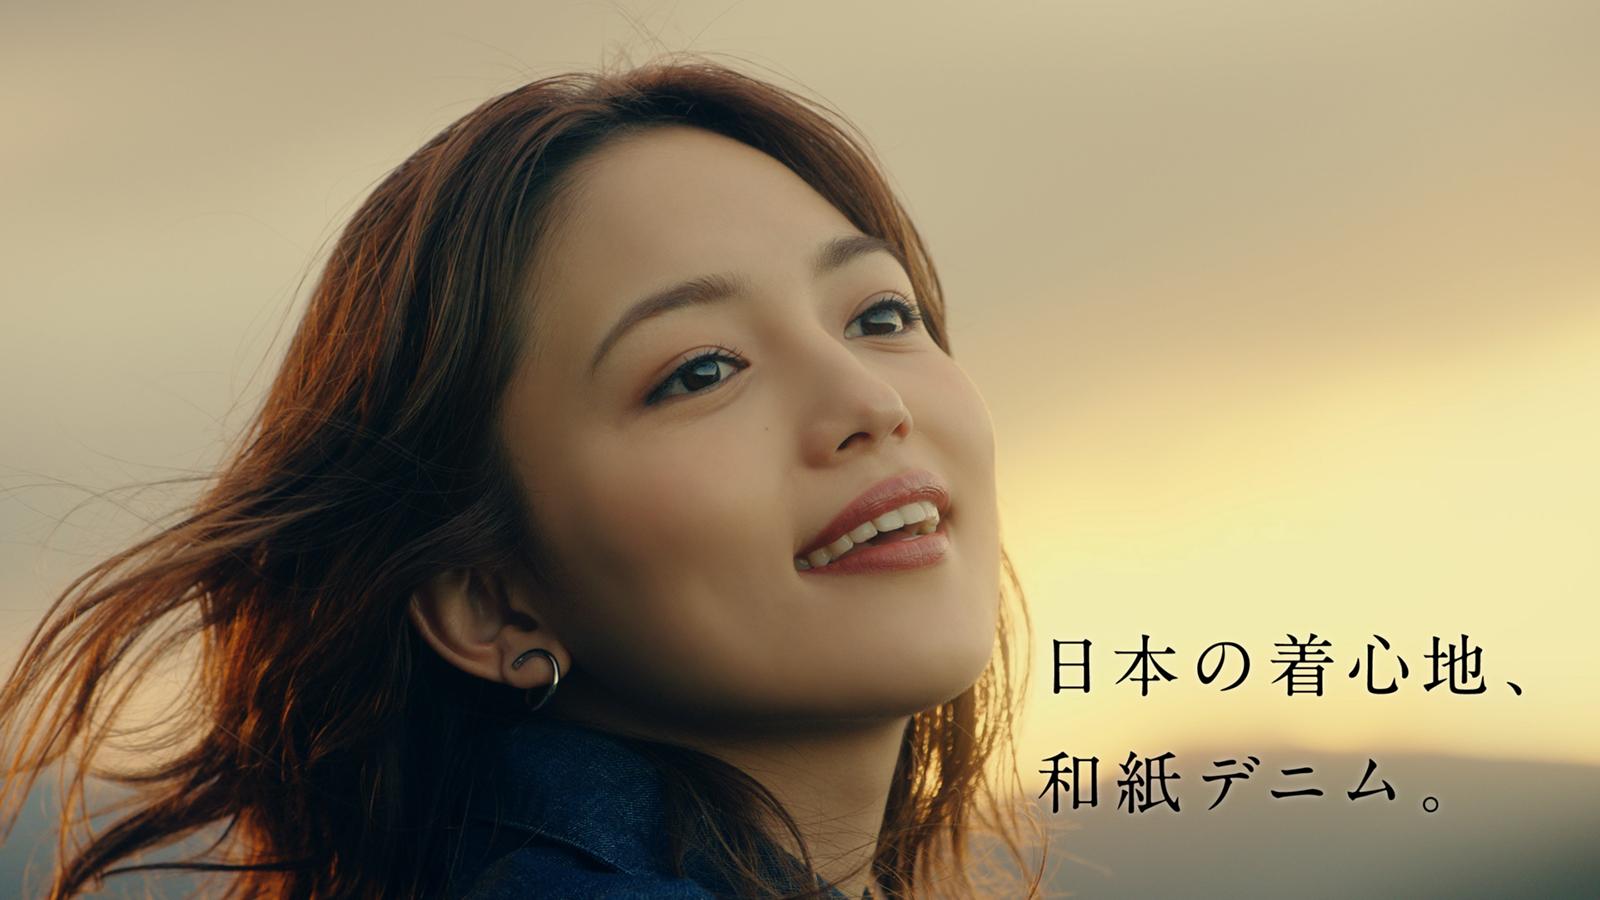 川口春奈/「和紙の魅力、発見篇」より(提供写真)